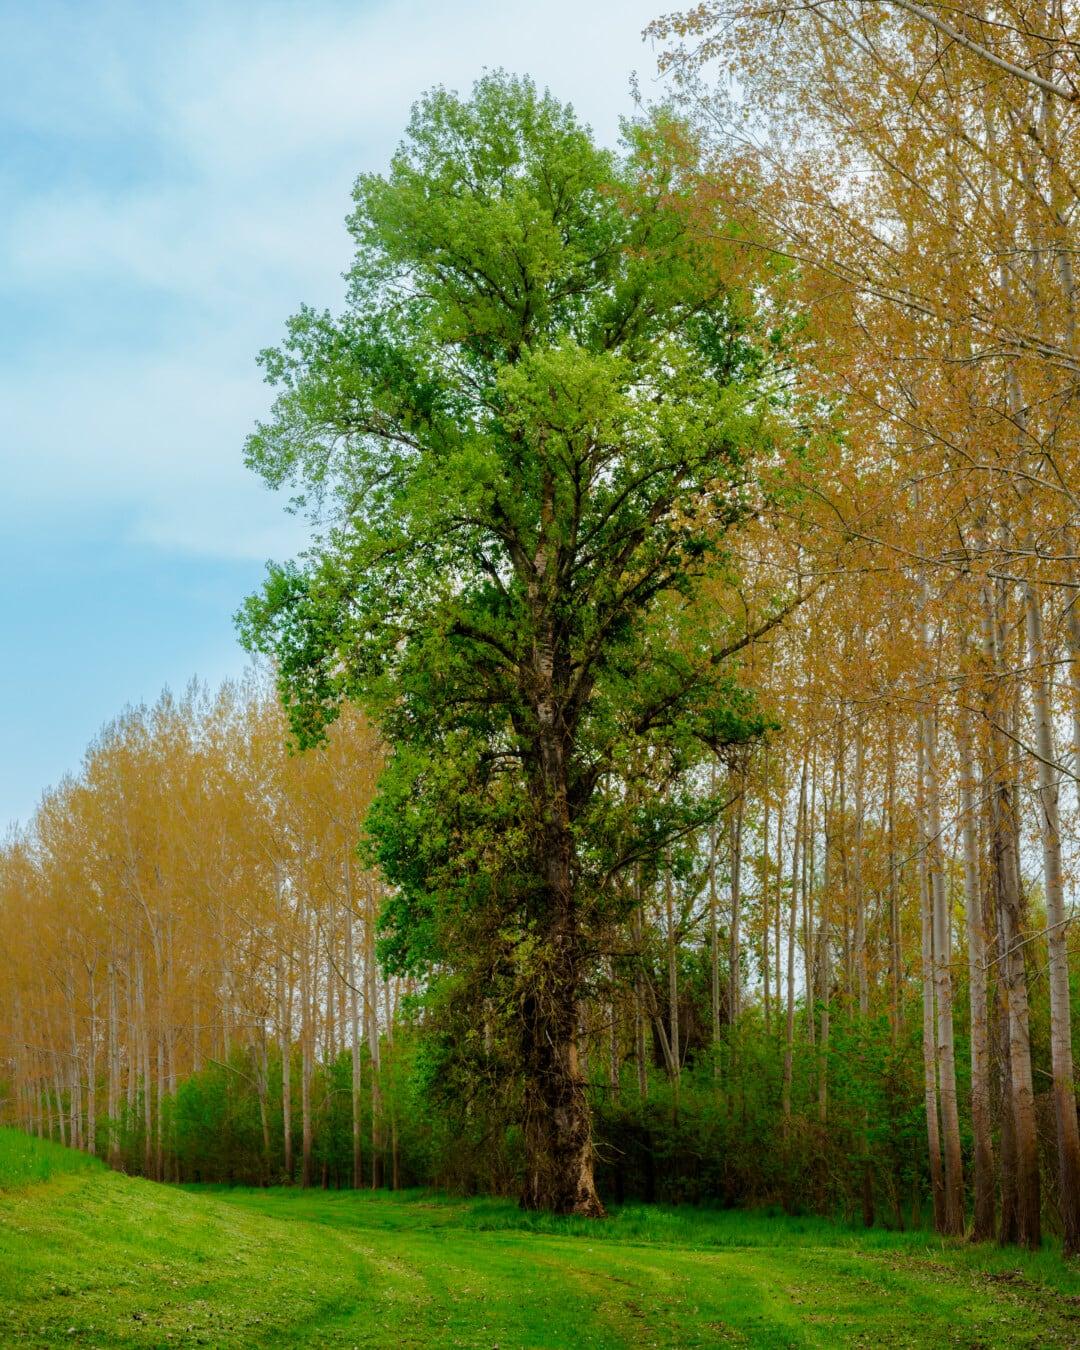 Landschaft, Herbst, Wald, Natur, Pappel, Blatt, Struktur, Holz, Schönwetter, Dämmerung